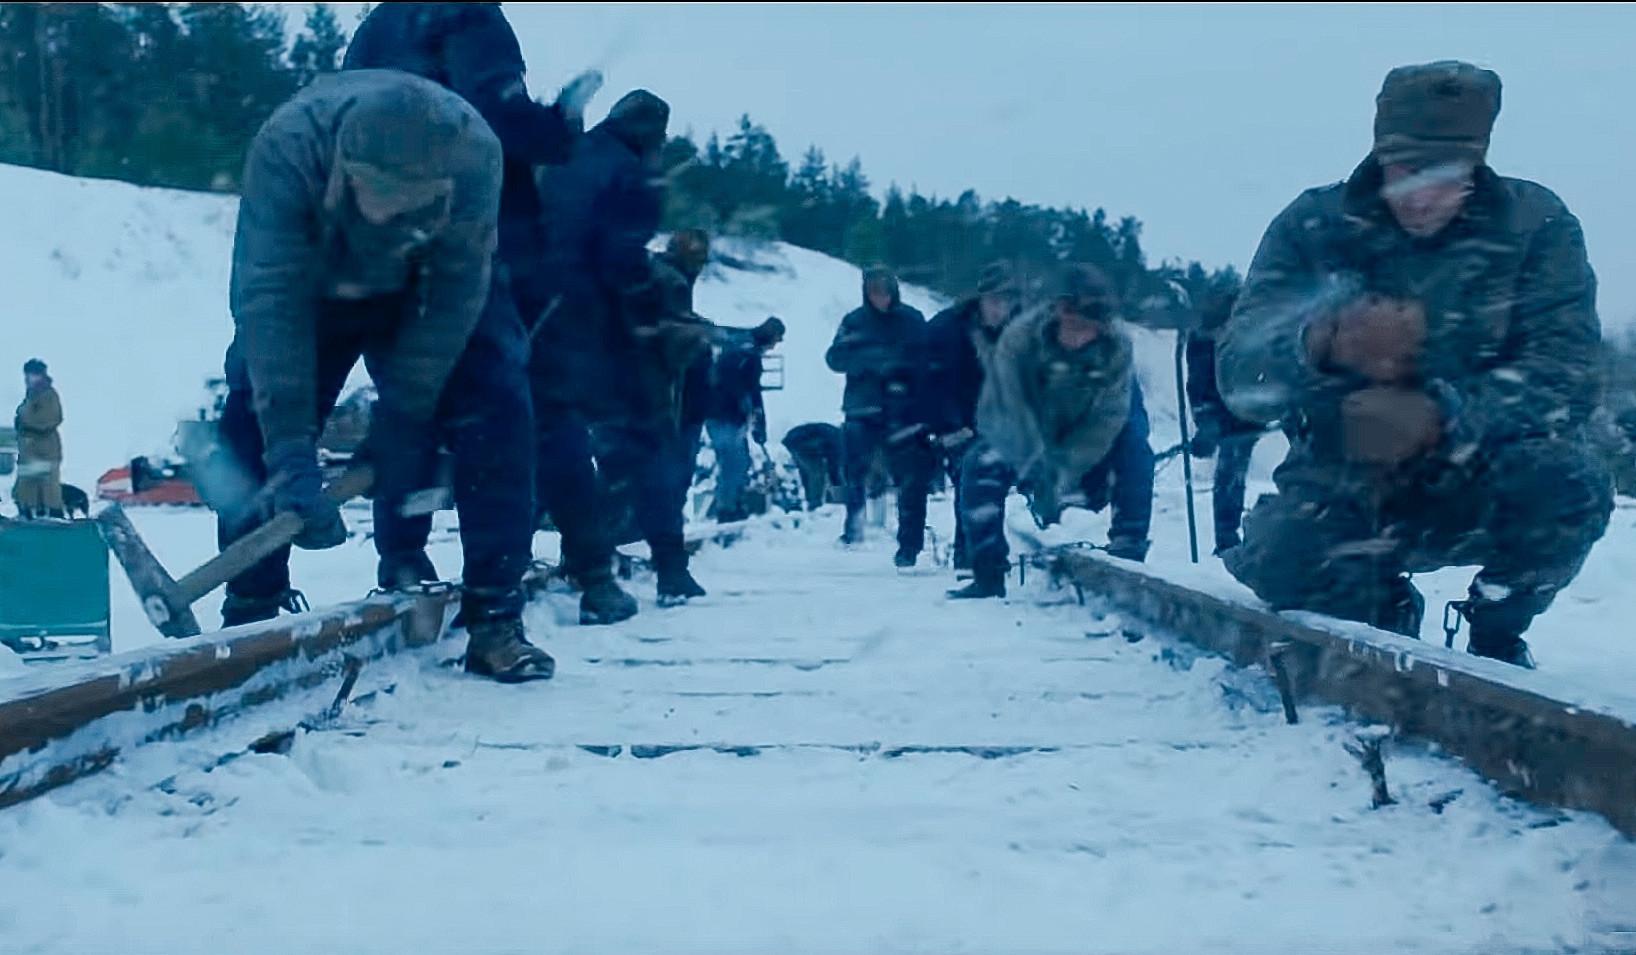 Los prisioneros están construyendo un ferrocarril, presumiblemente el ferrocarril BAM , en el tráiler oficial de la temporada 4